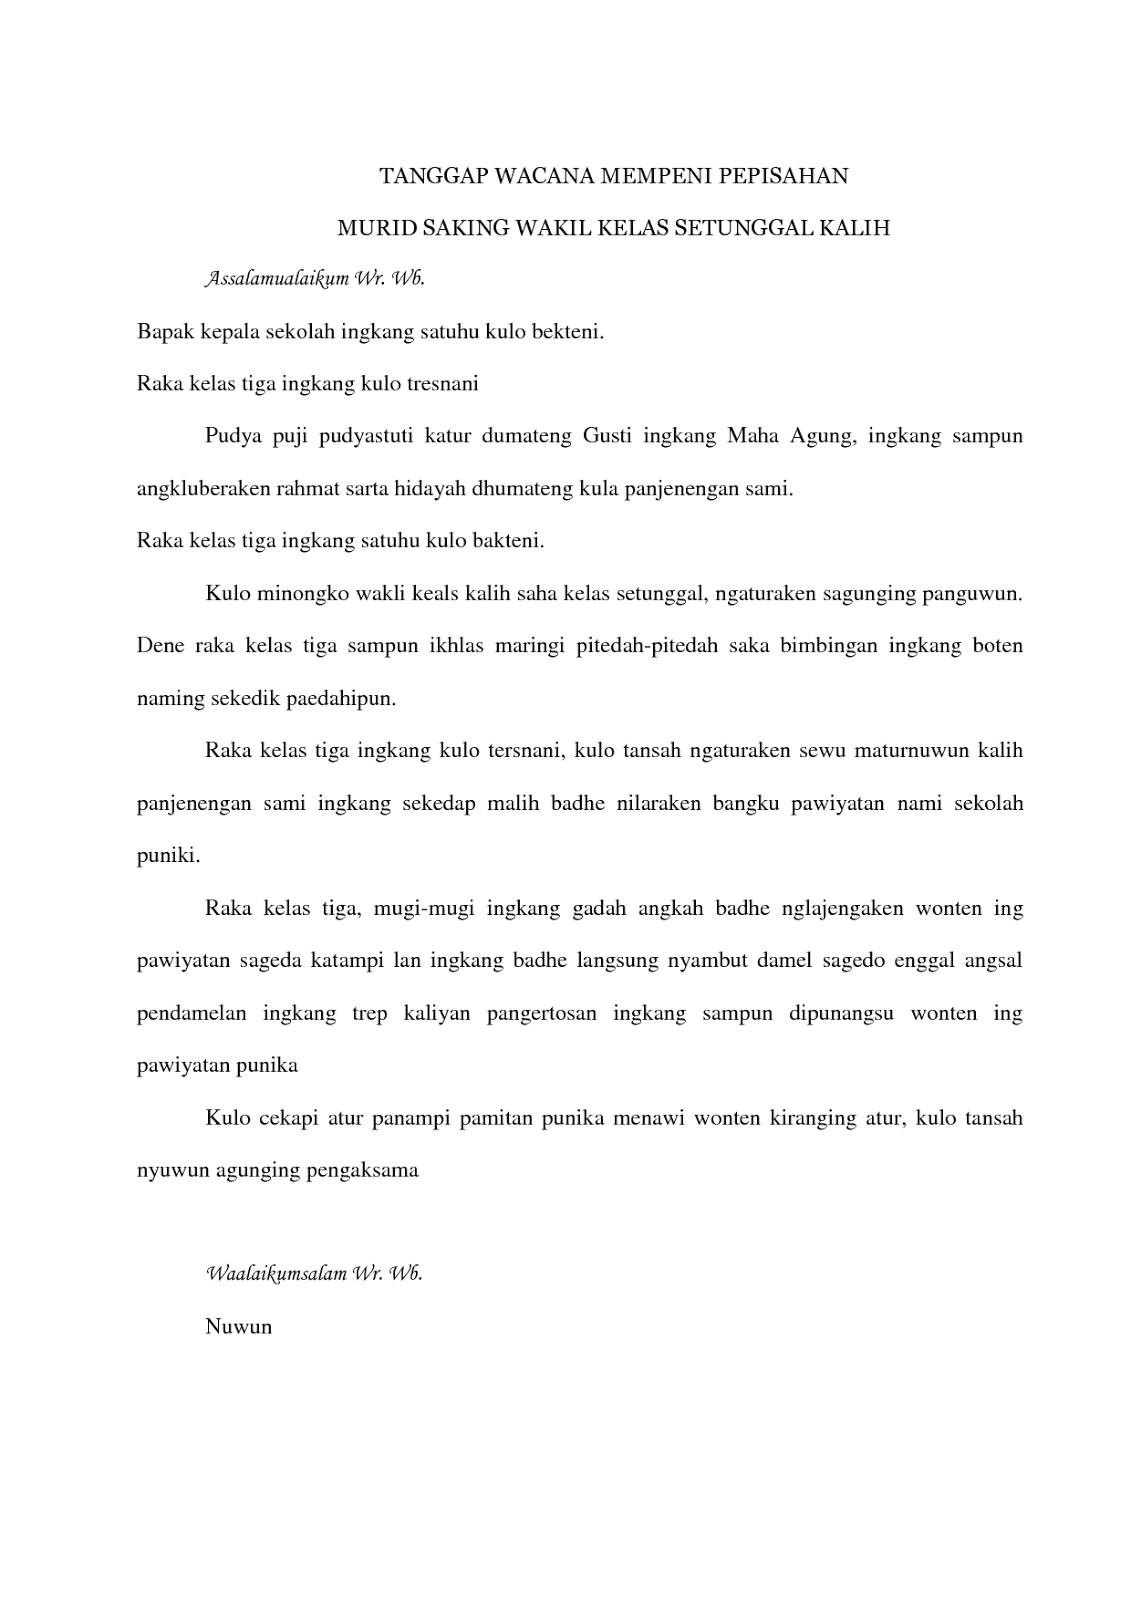 Pidato Bahasa Jawa Krama : pidato, bahasa, krama, Contoh, Pidato, Bahasa, Tentang, Perpisahan, Kelas, Singkat